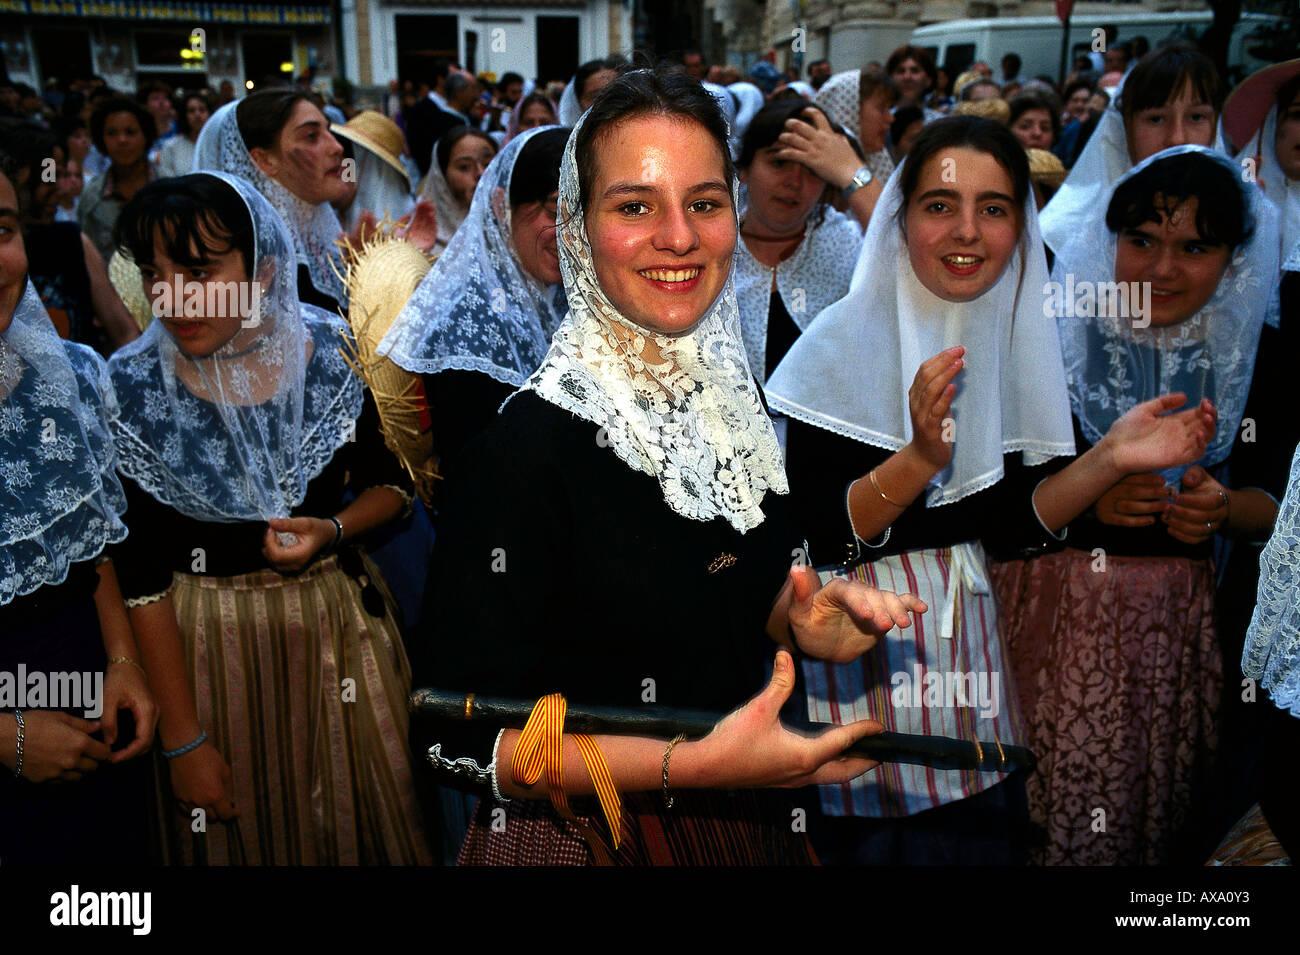 Fest der Mauren Und Christen, Soller, Mallorca, Spanien Stockbild